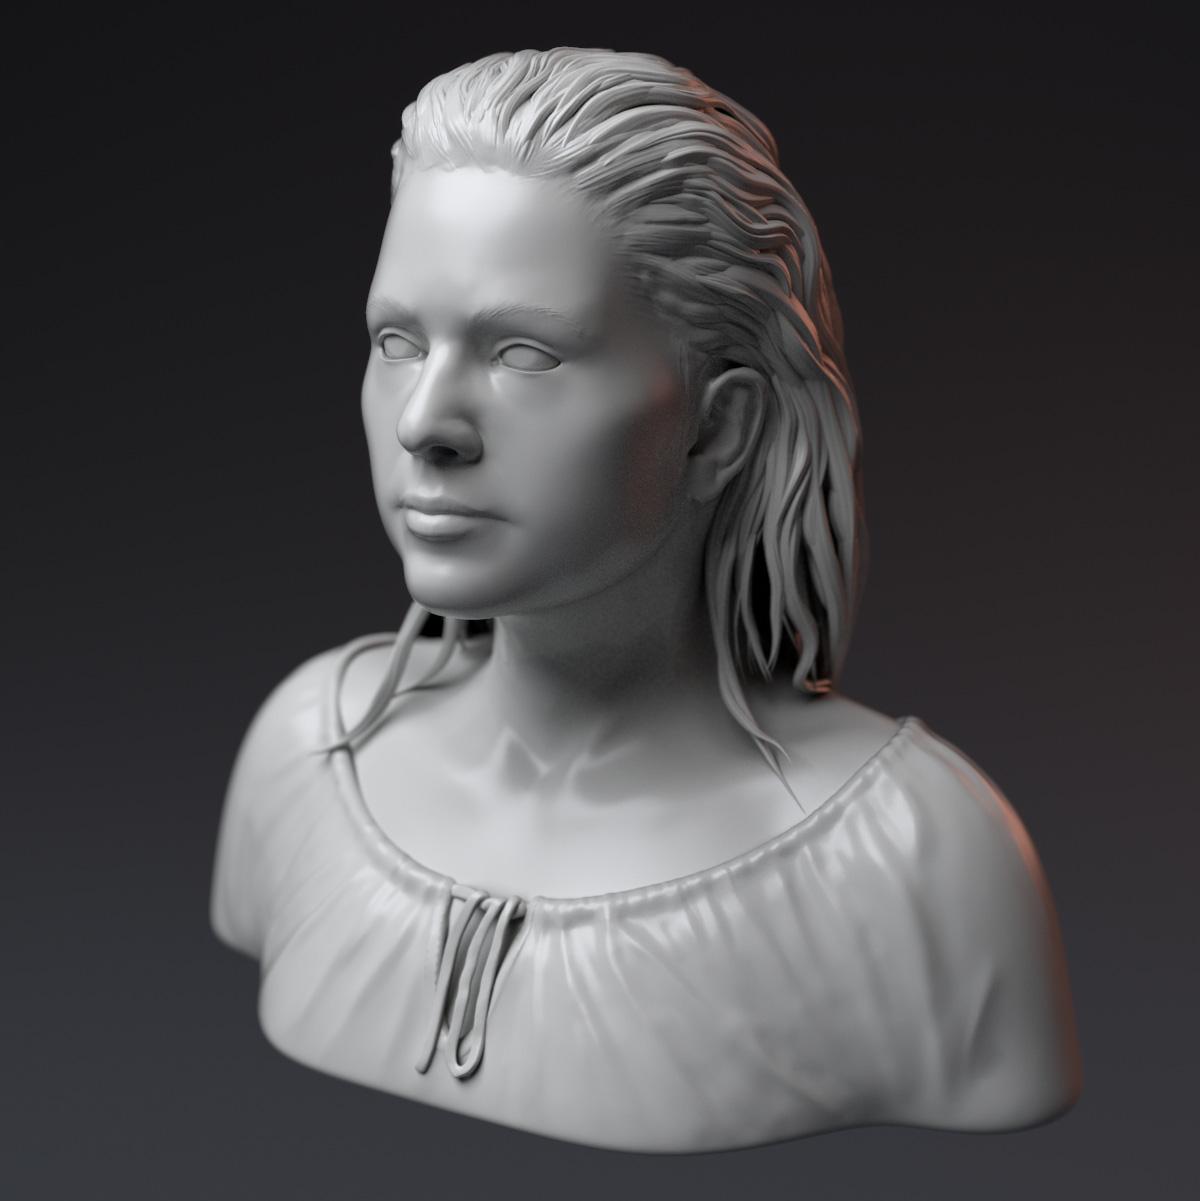 Female portrait by Zelfit